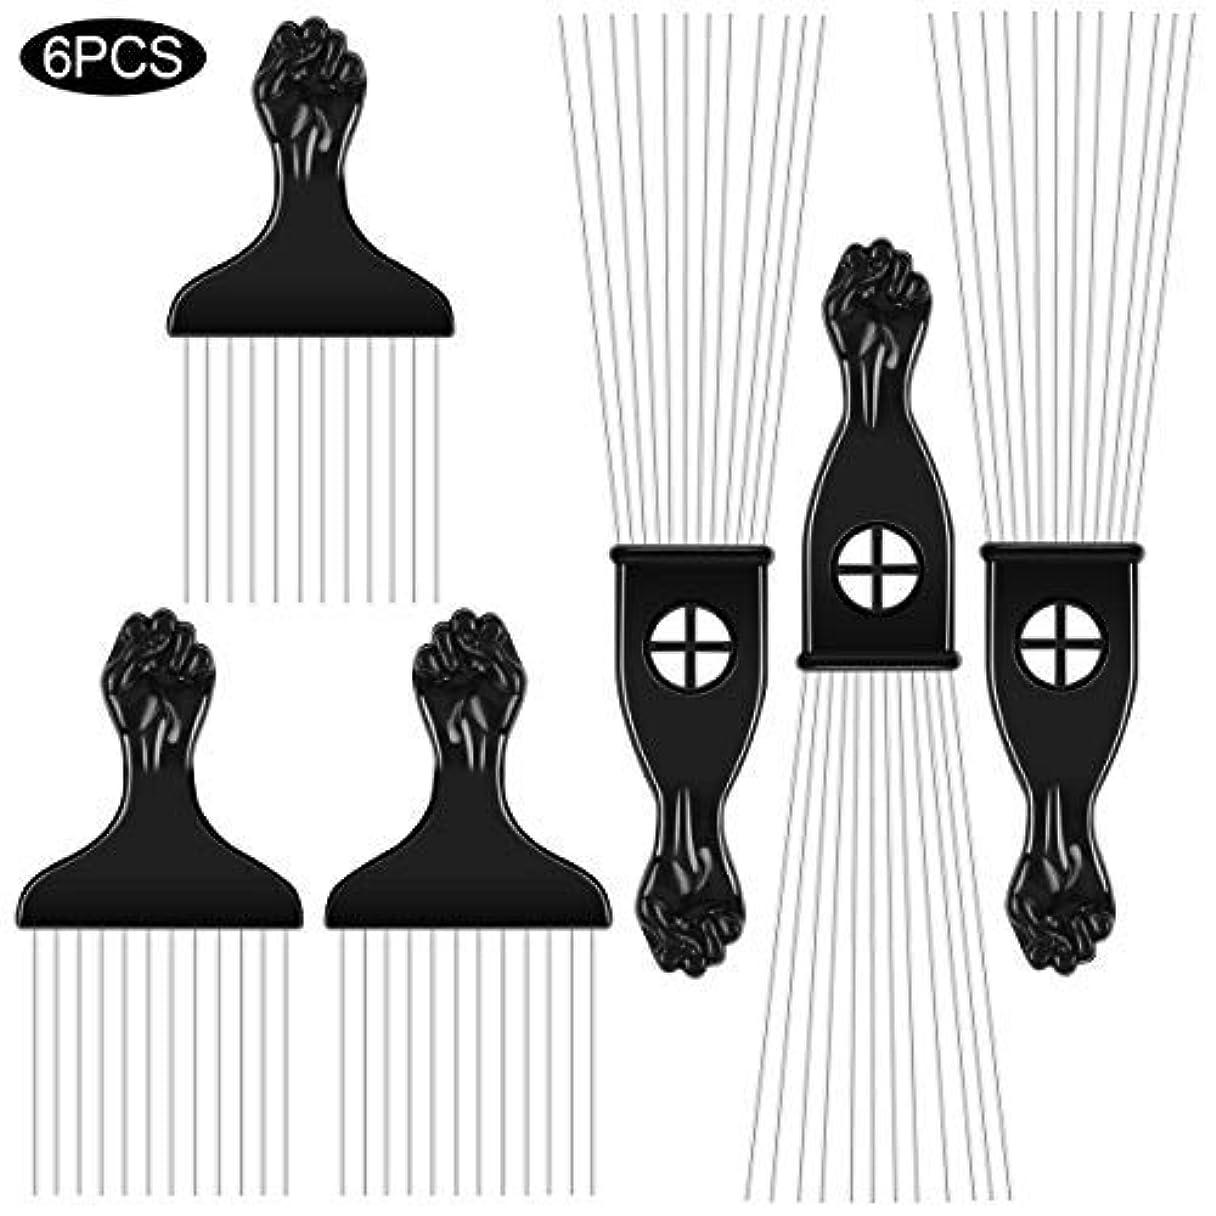 等有力者寛容6PCS Afro Combs Metal African American black Fist Pick Comb Hairdressing Styling Tool [並行輸入品]